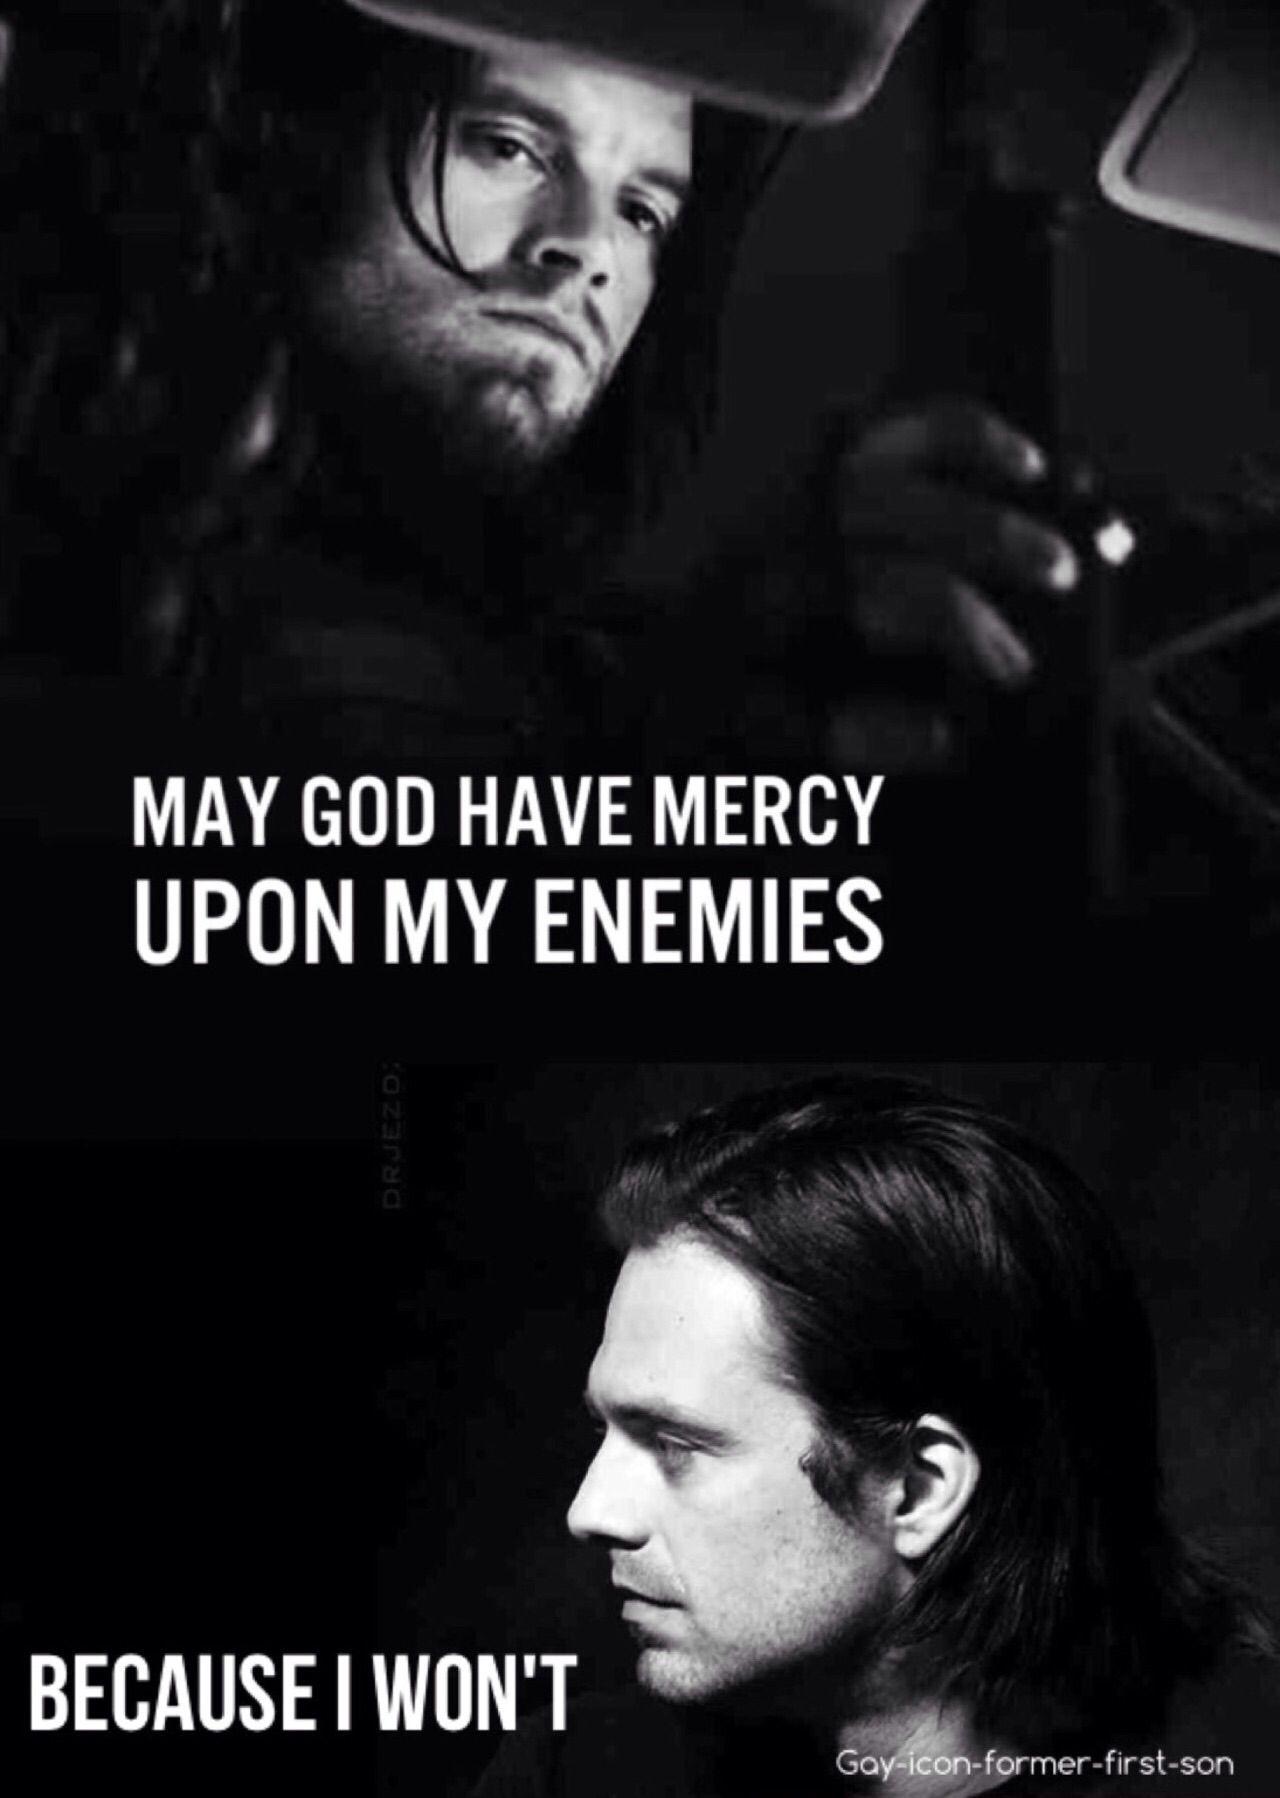 Bucky Barnes - The Winter Soldier <<< Ooooooooohhhhh